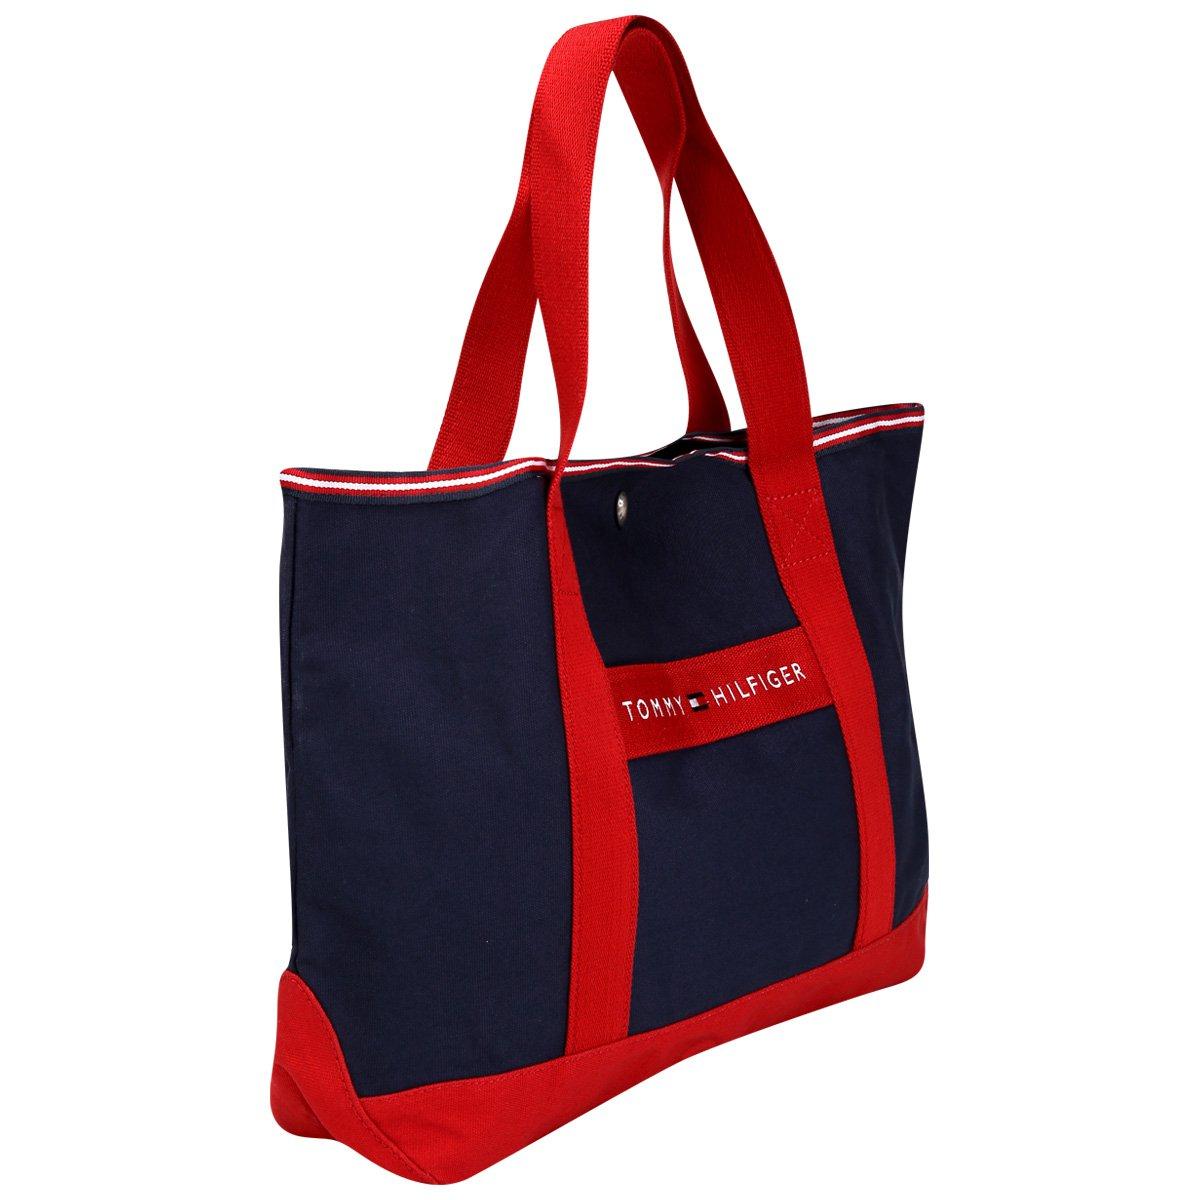 3388296e5 Bolsa Tommy Hilfiger Shopper | Netshoes